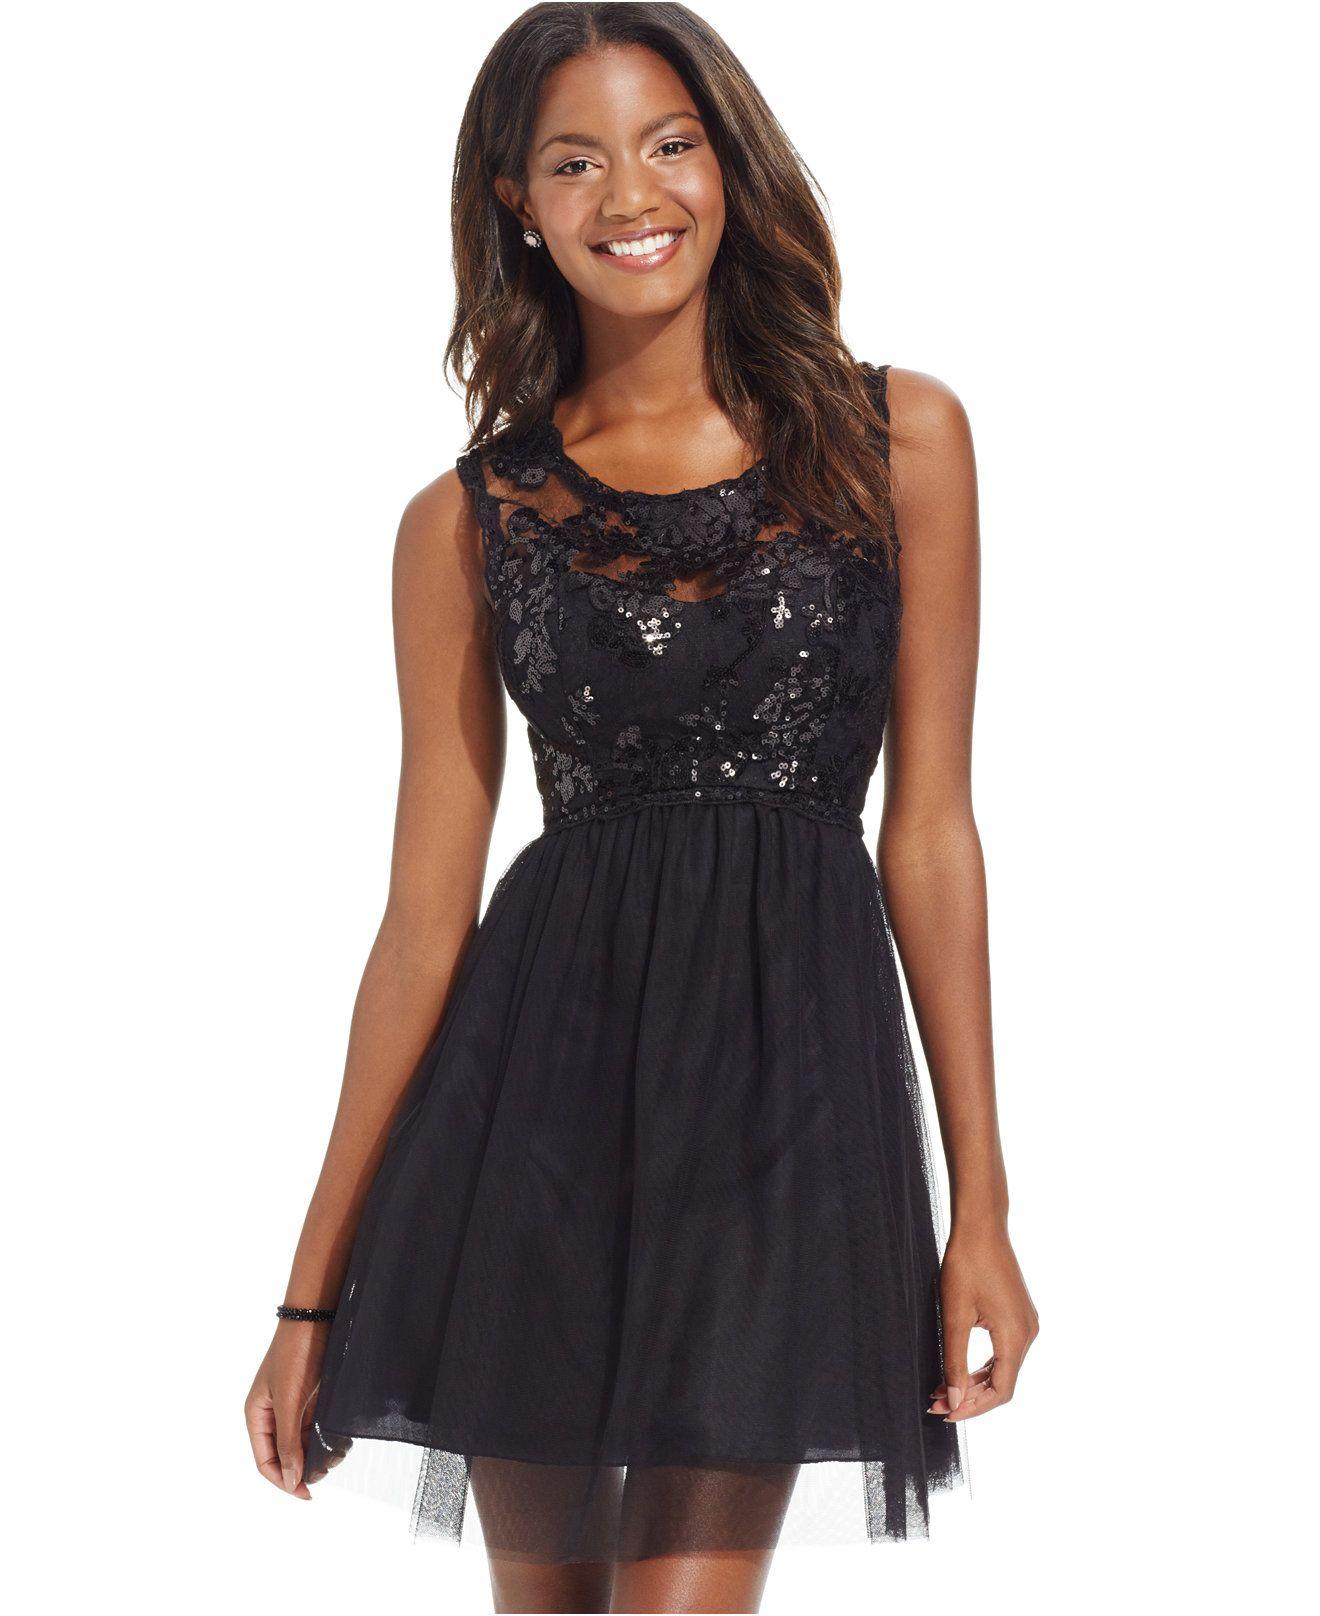 Macys Black Lace Dress Juniors